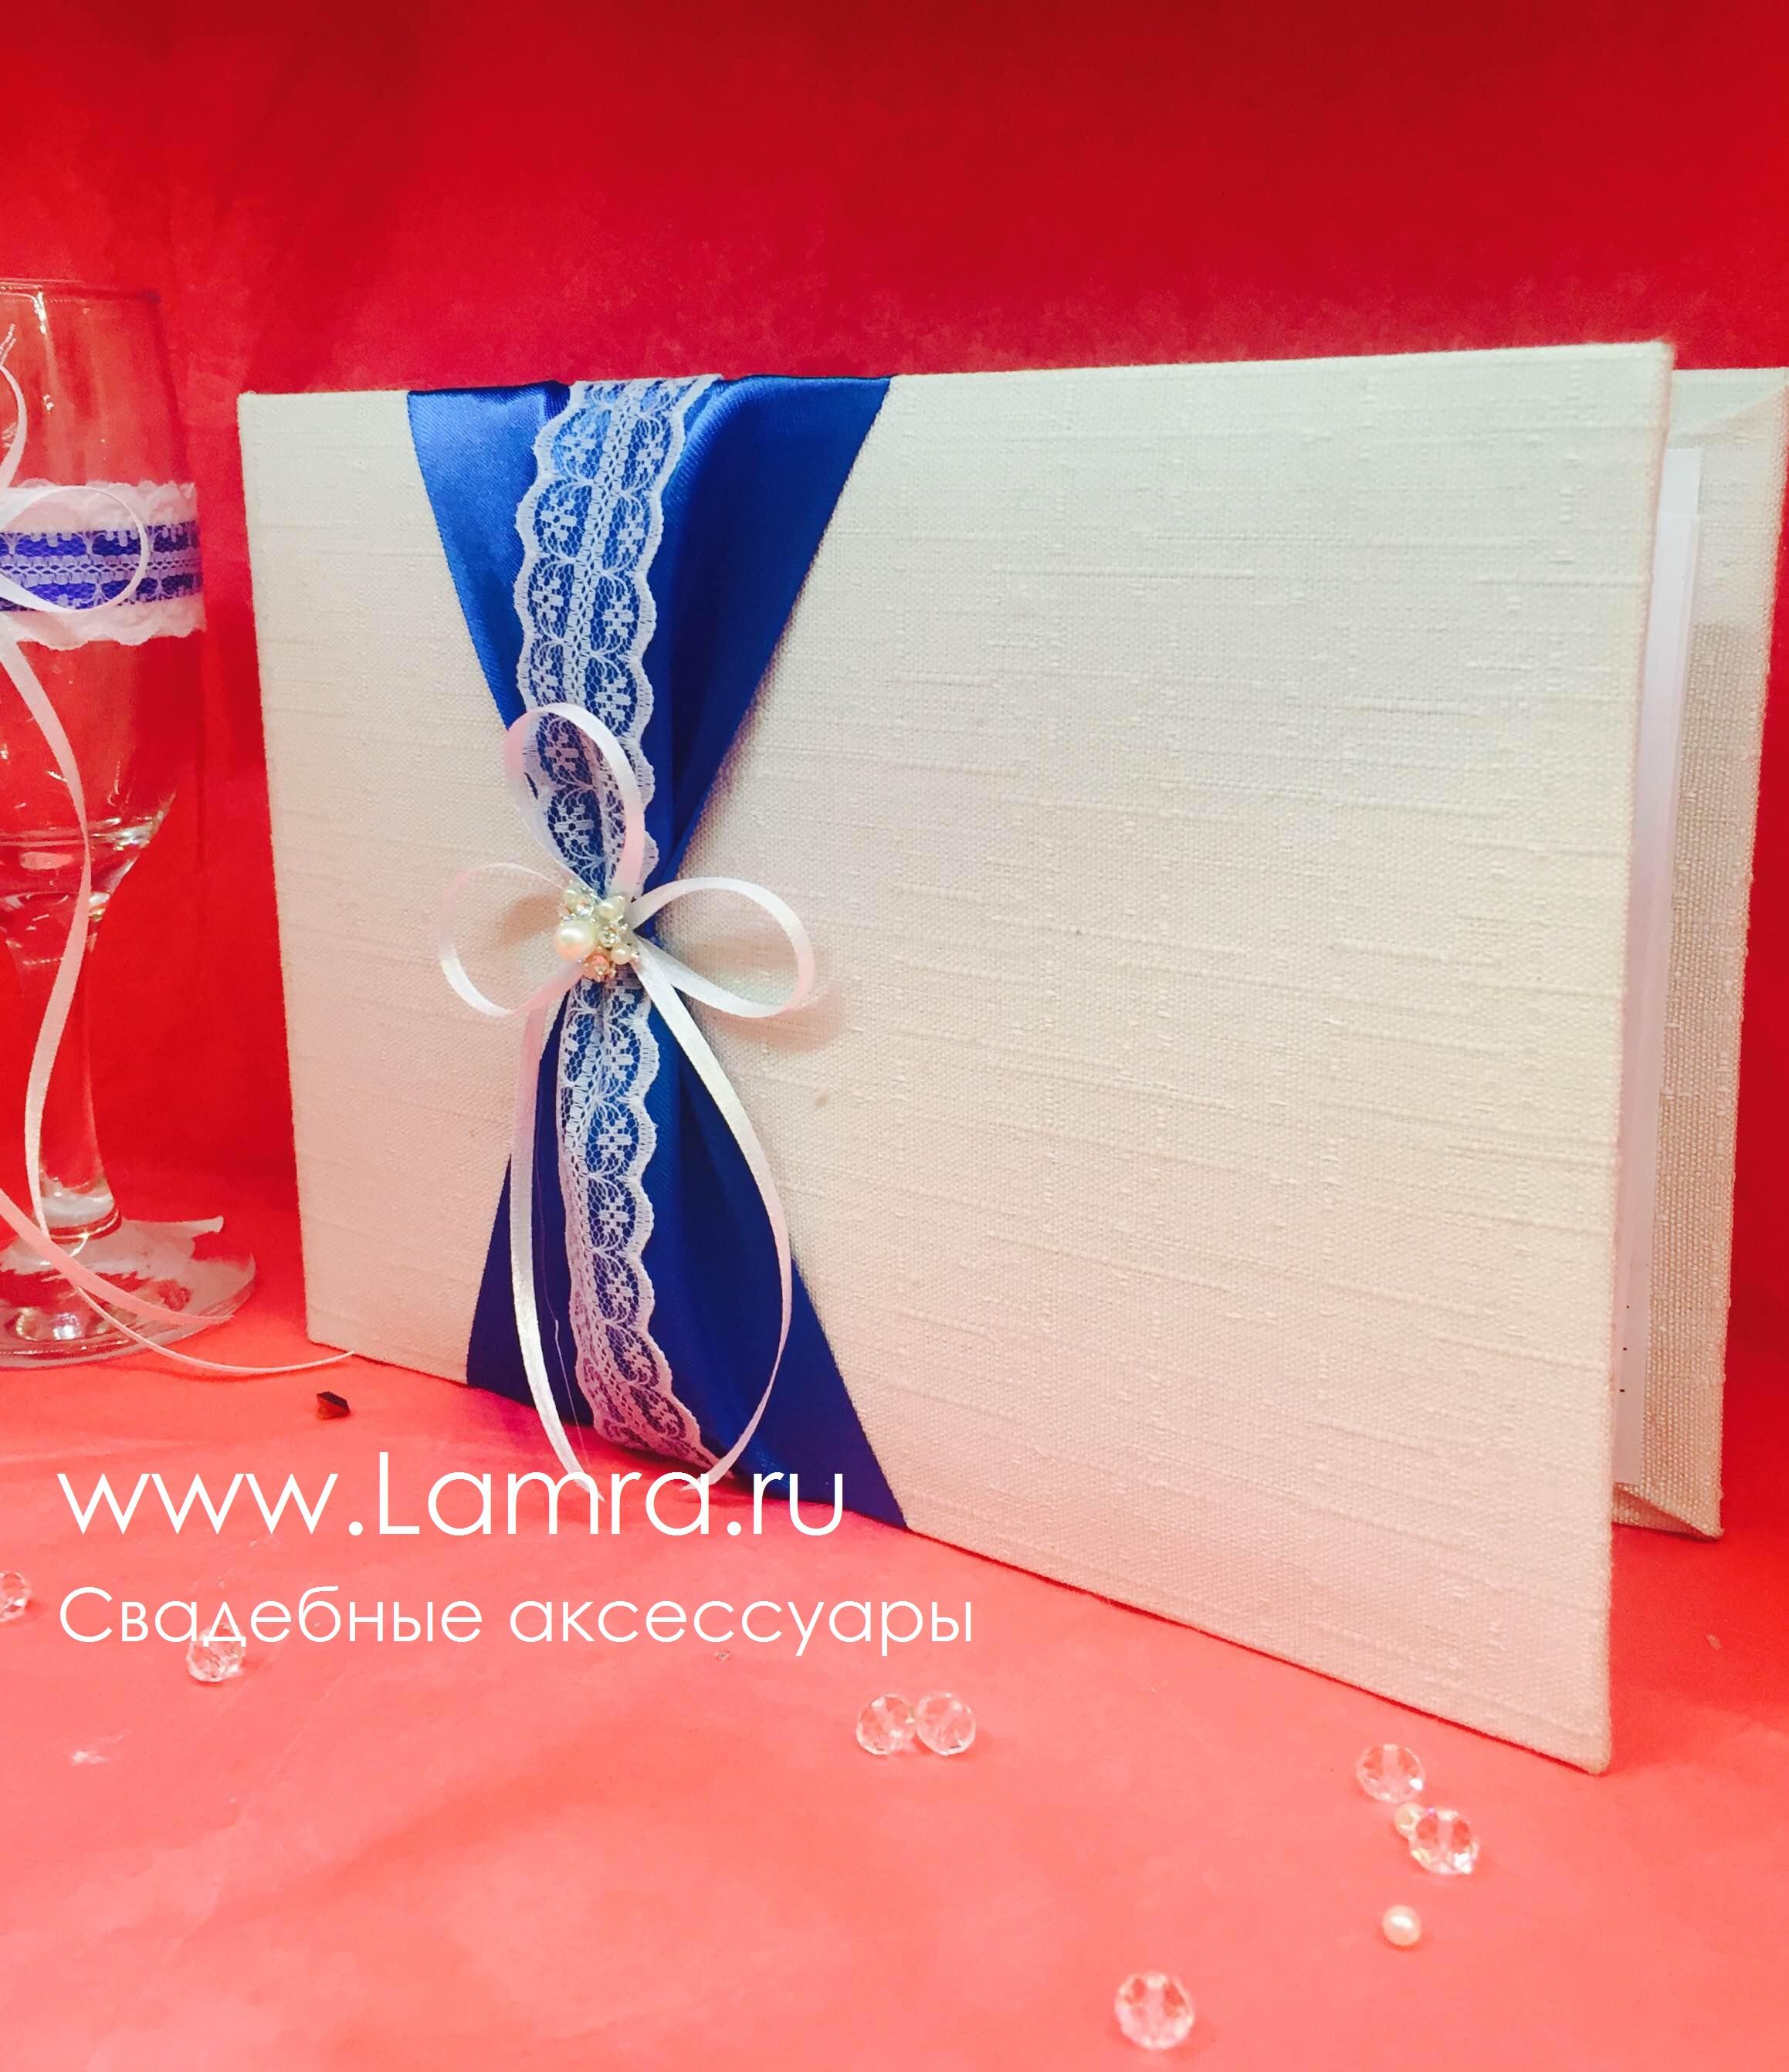 Свадебный альбом с пожеланиями своими руками фото